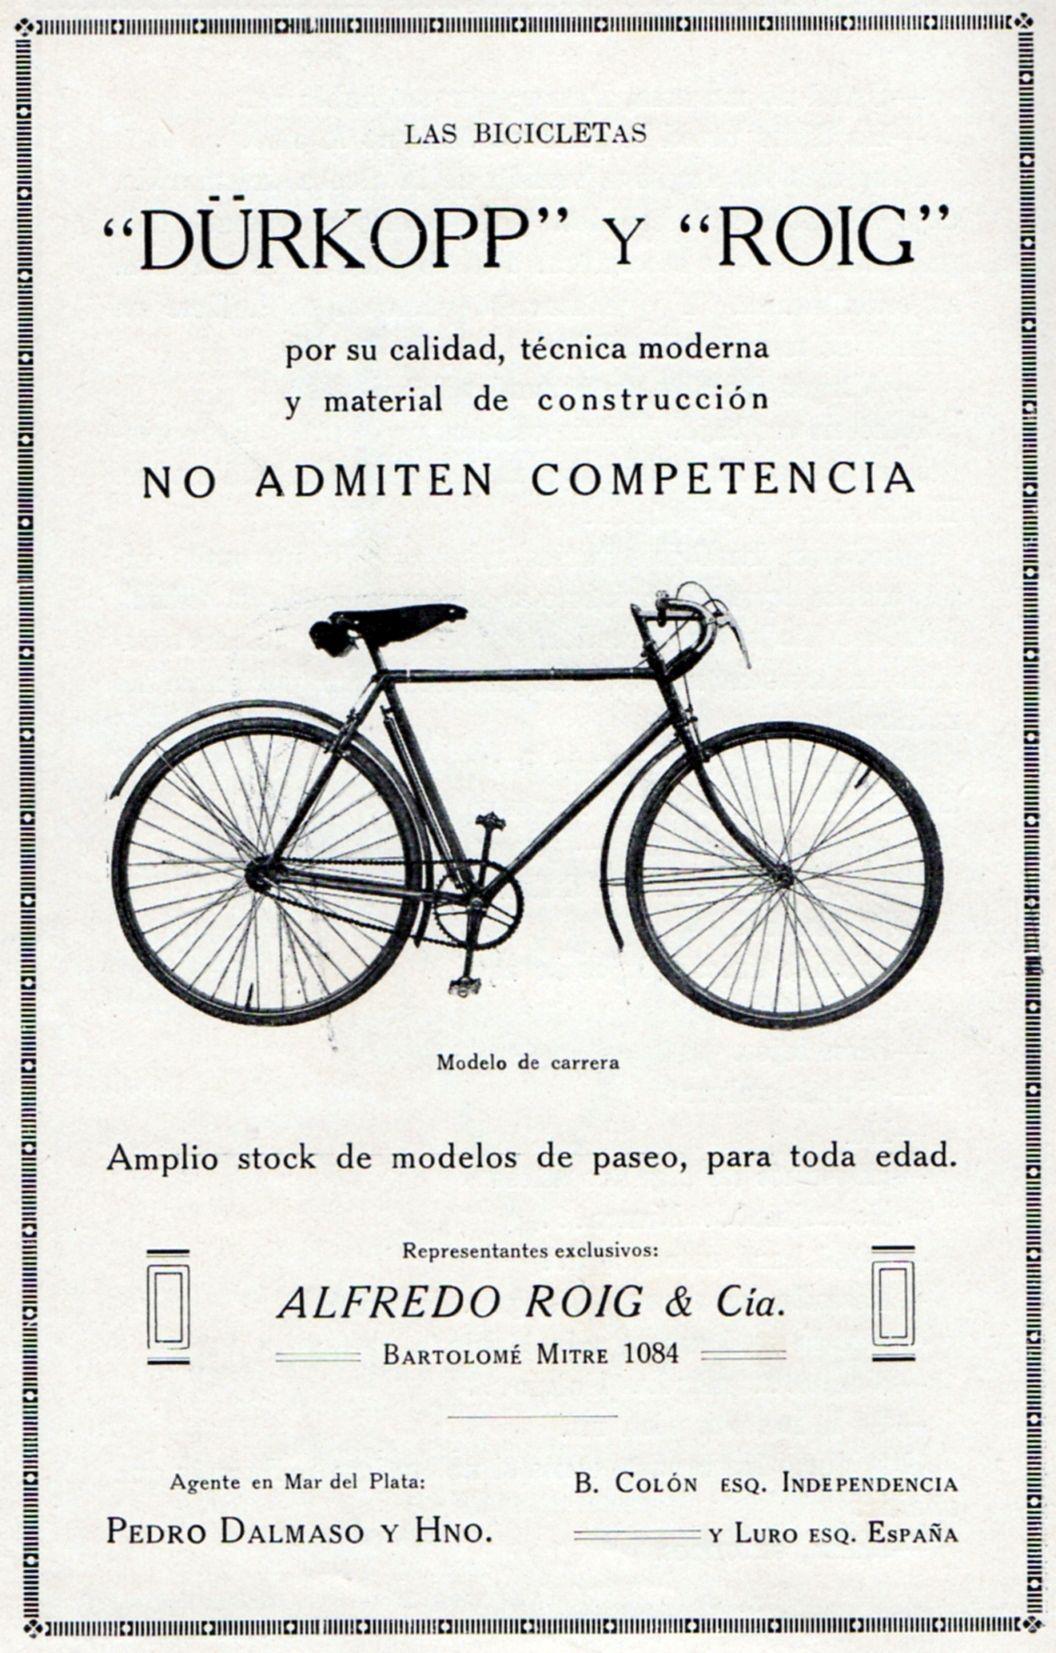 Publicidad Bicicleteria Durkopp y Roig 1929 Guia Social